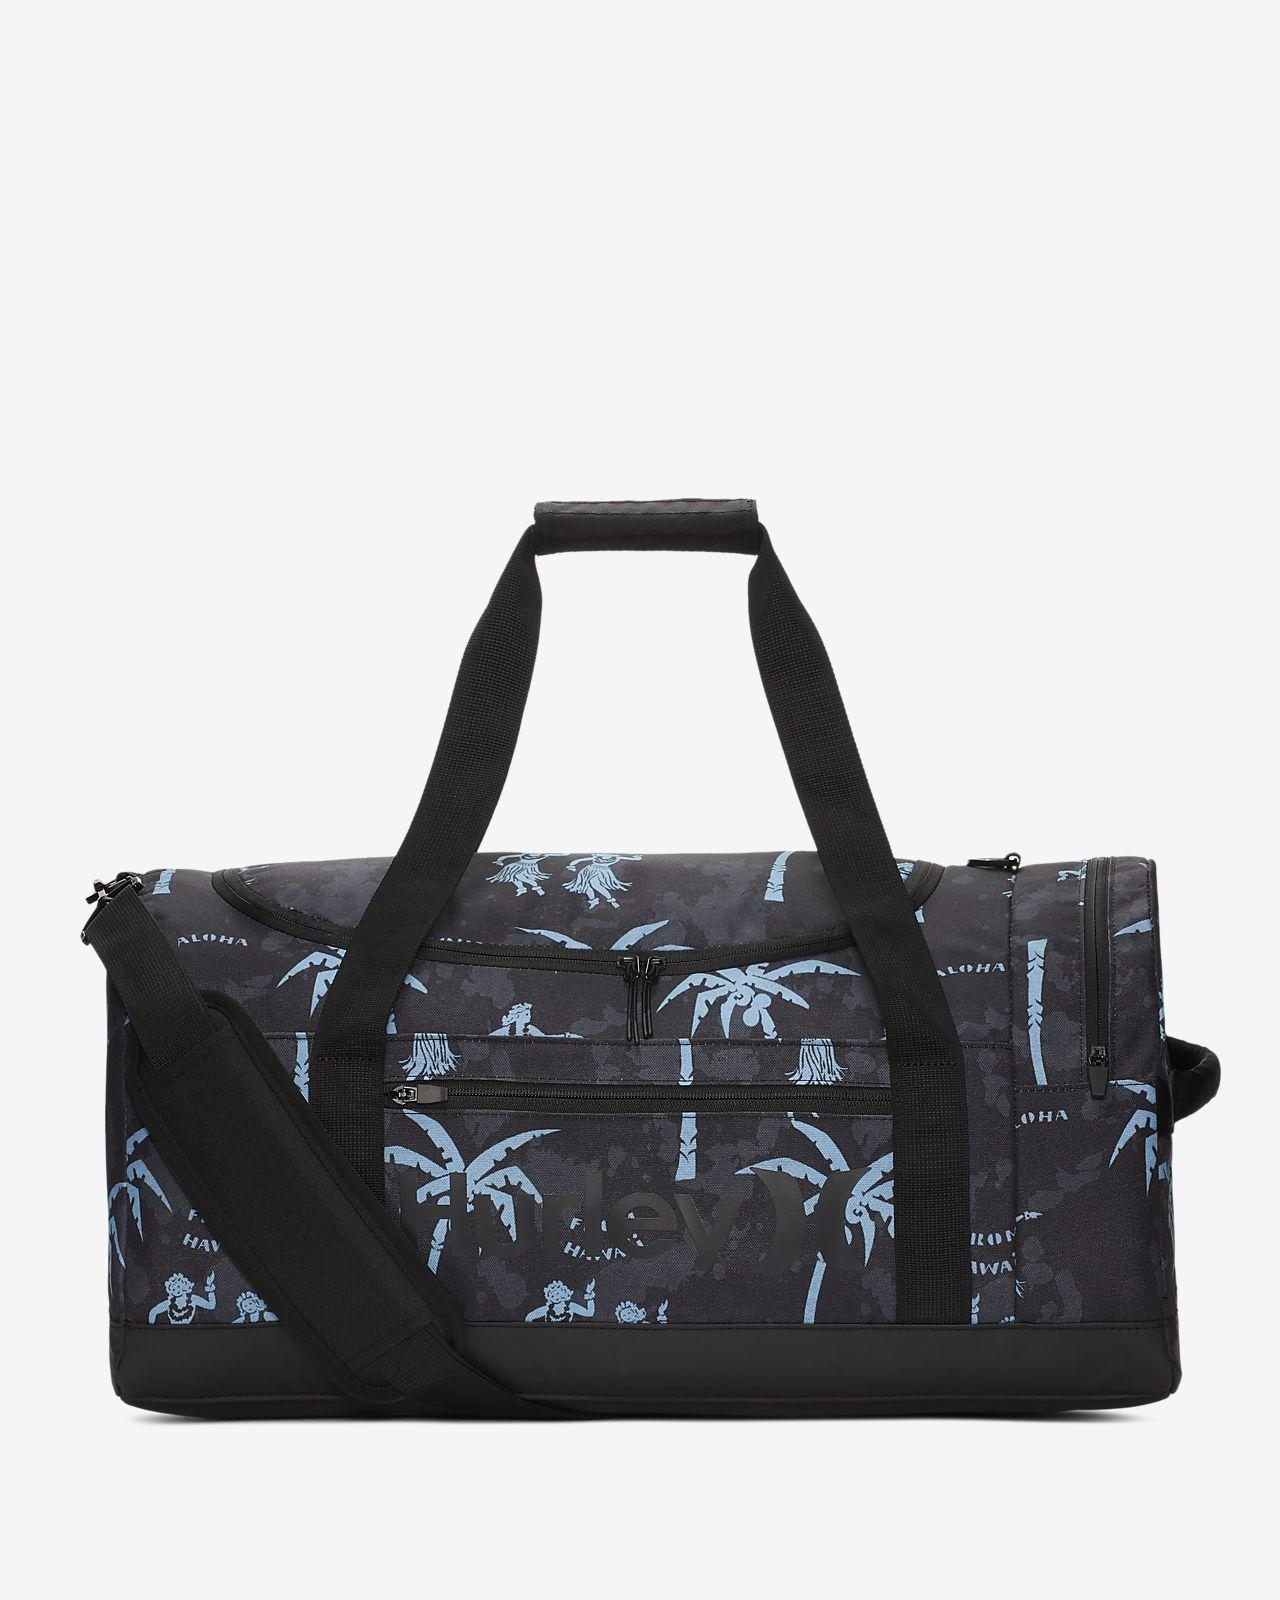 Hurley Renegade 2 Aloha Only Unisex Duffel Bag